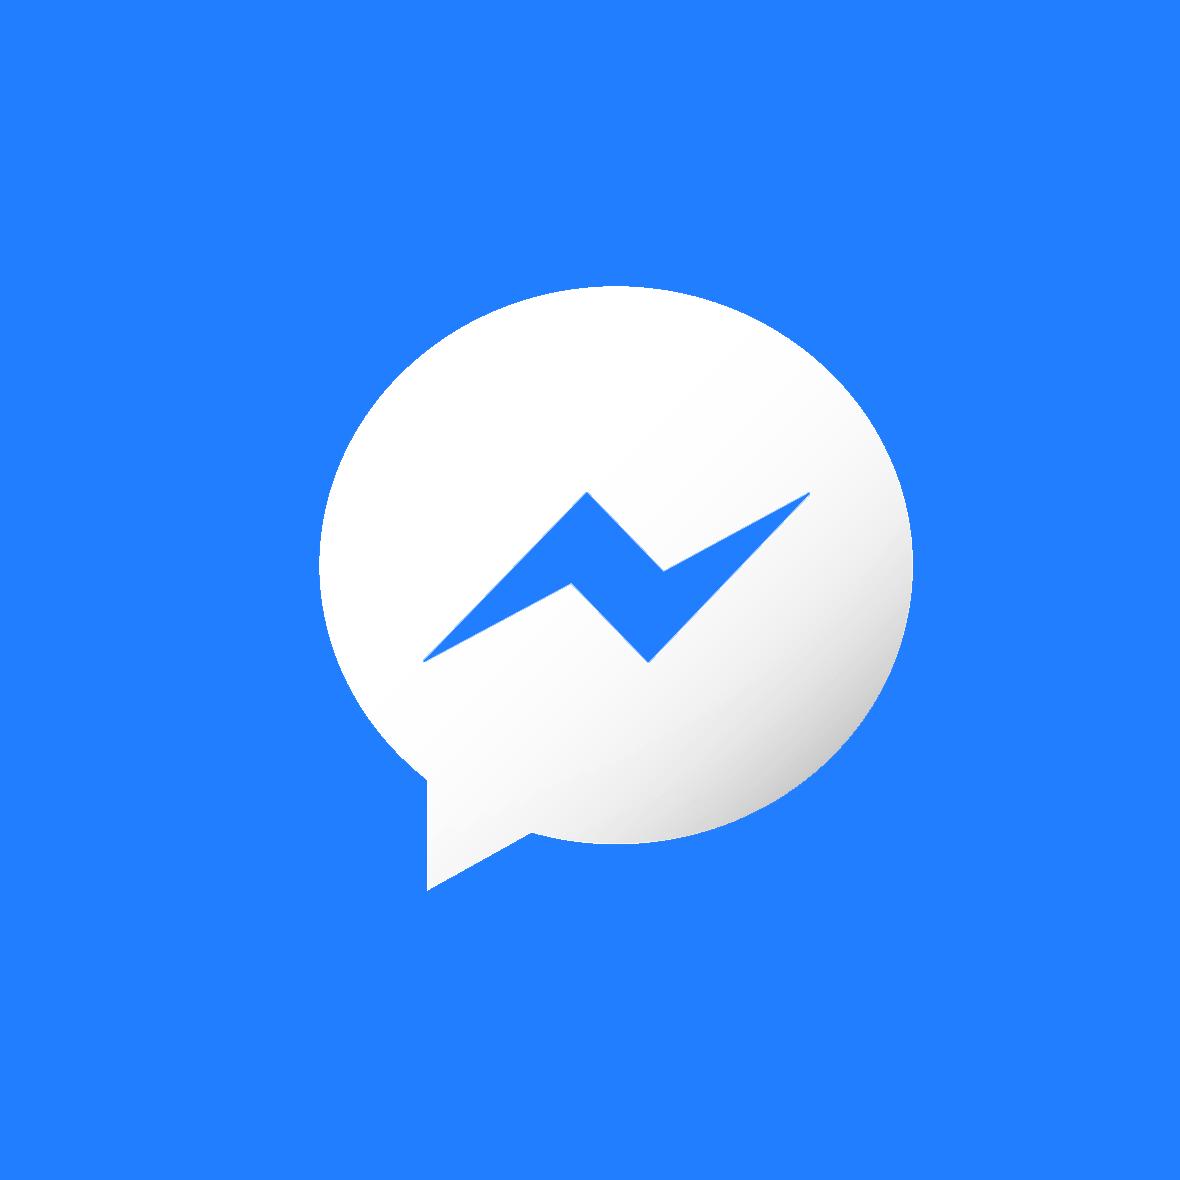 Omega Facebook Messenger